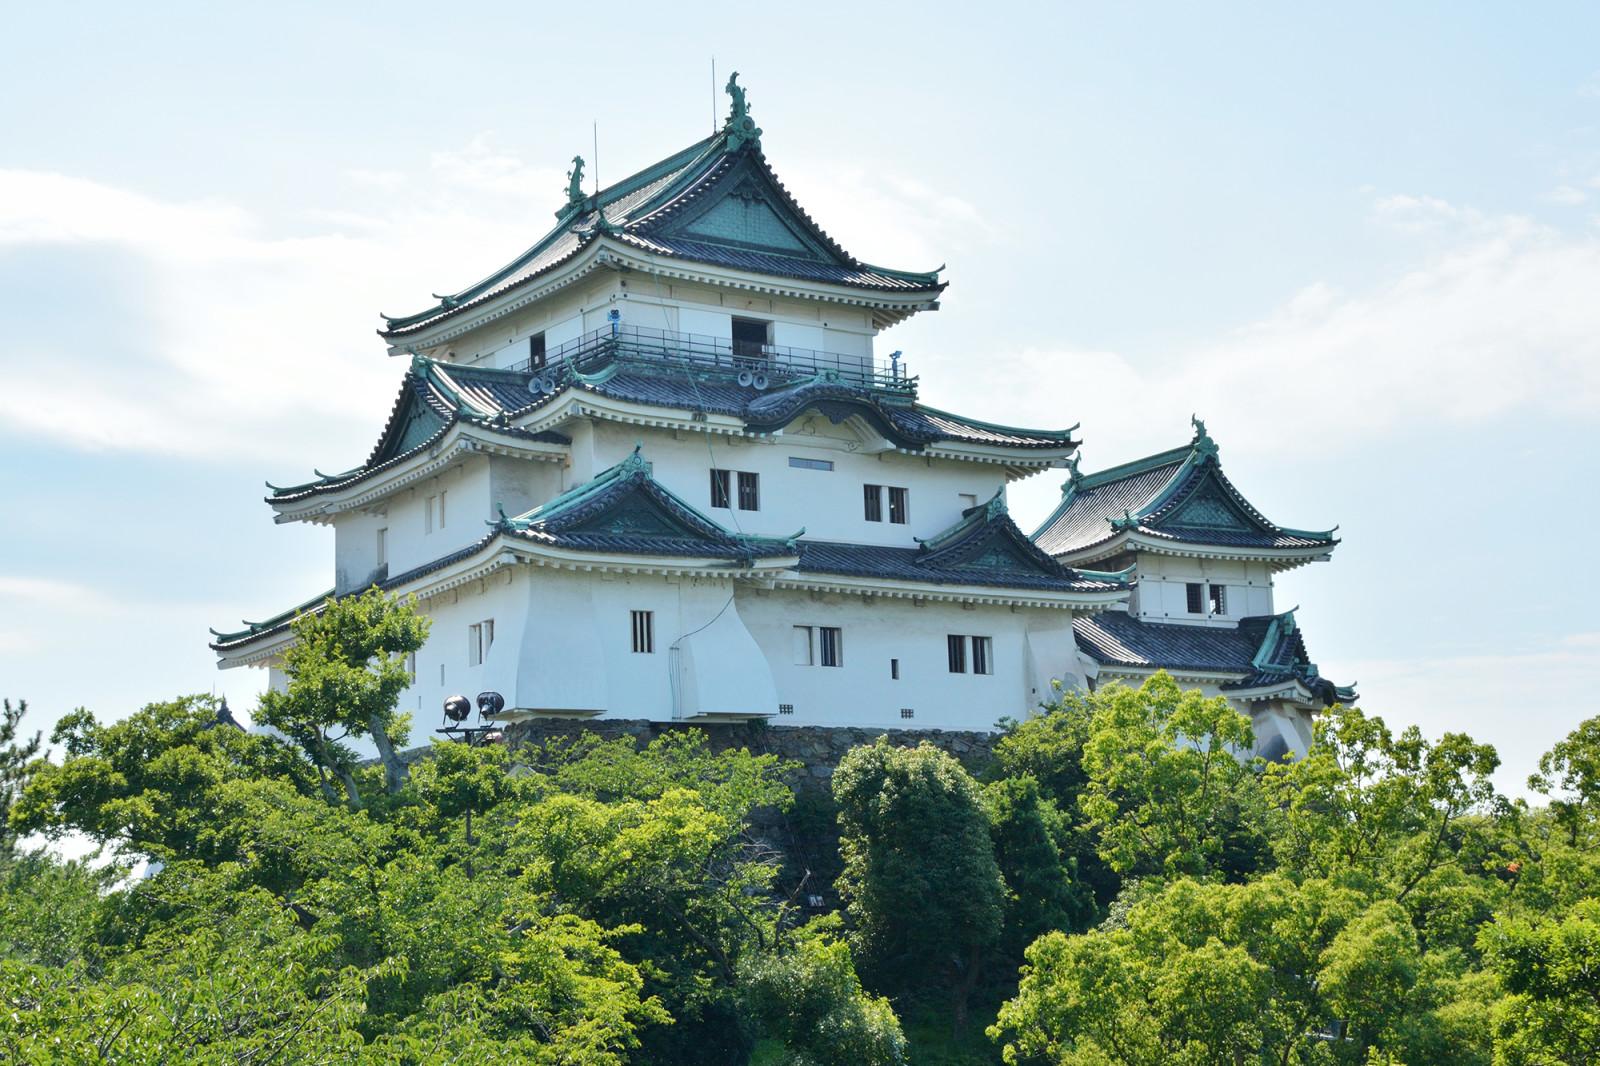 わかやま観光 和歌山城天守閣 | 和歌山県公式観光サイト